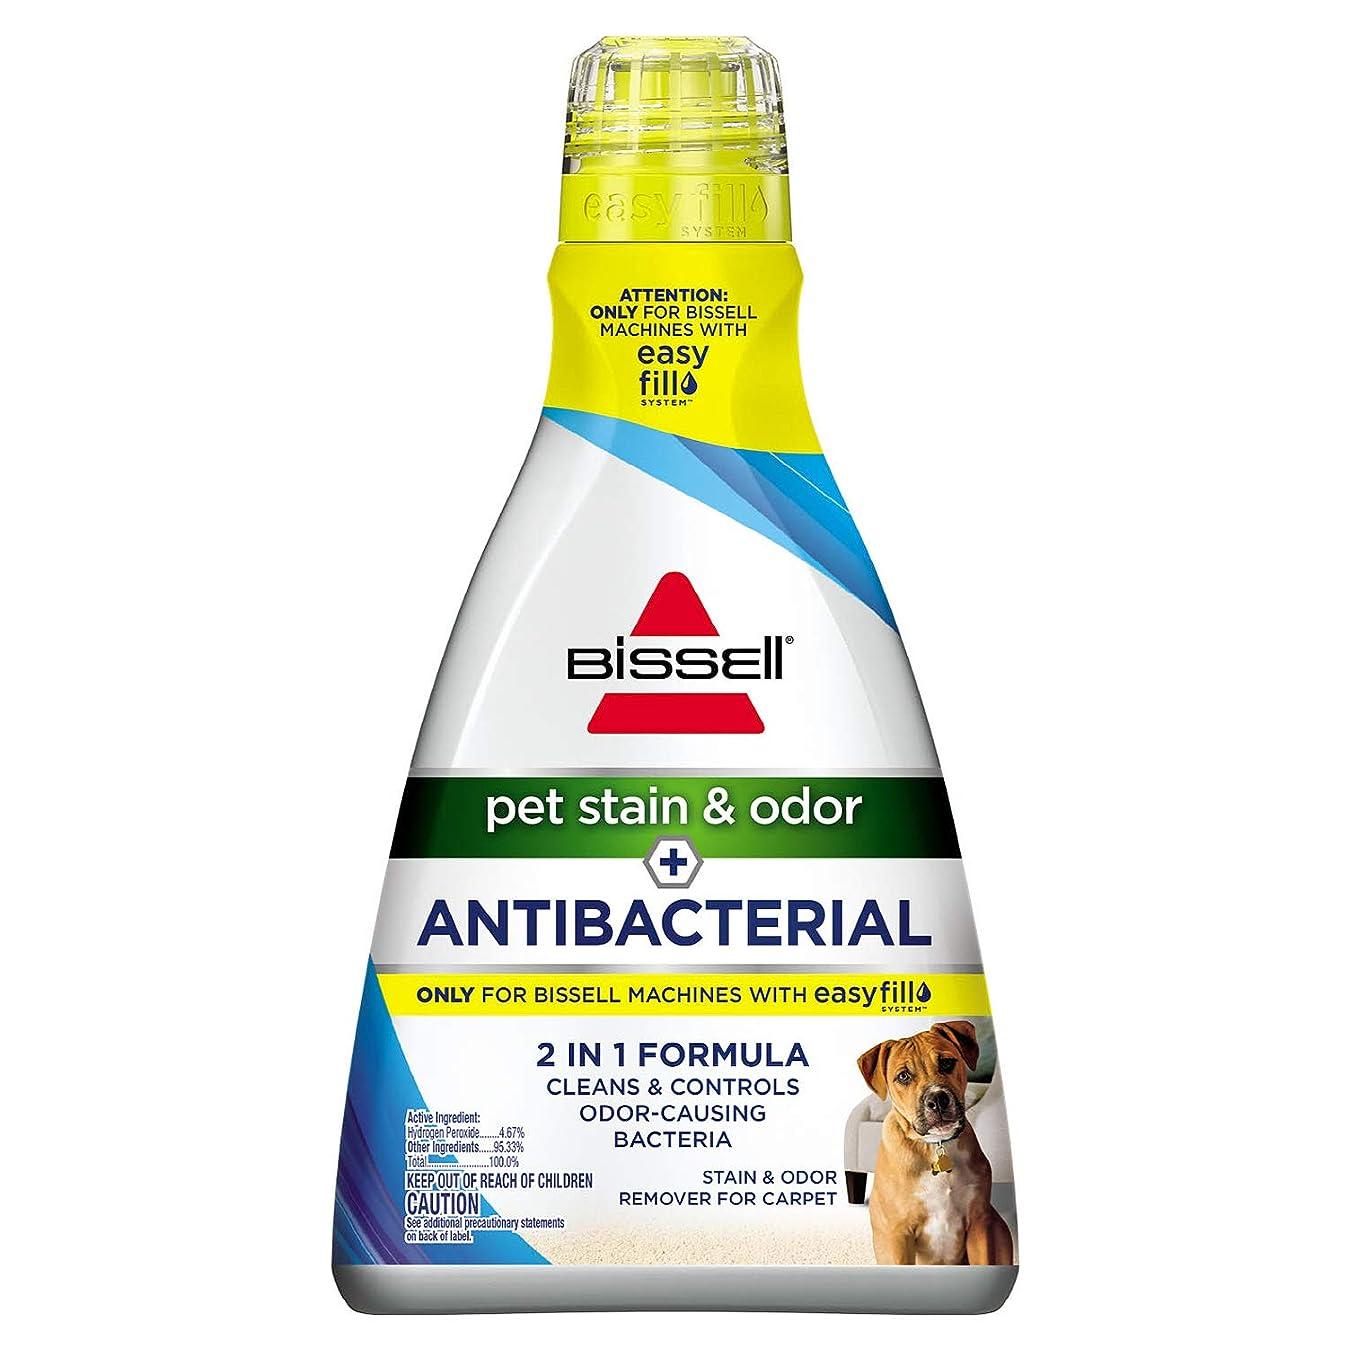 Bissell Pet Stain & Odor Plus Antibacterial 2 in 1 Carpet Formula